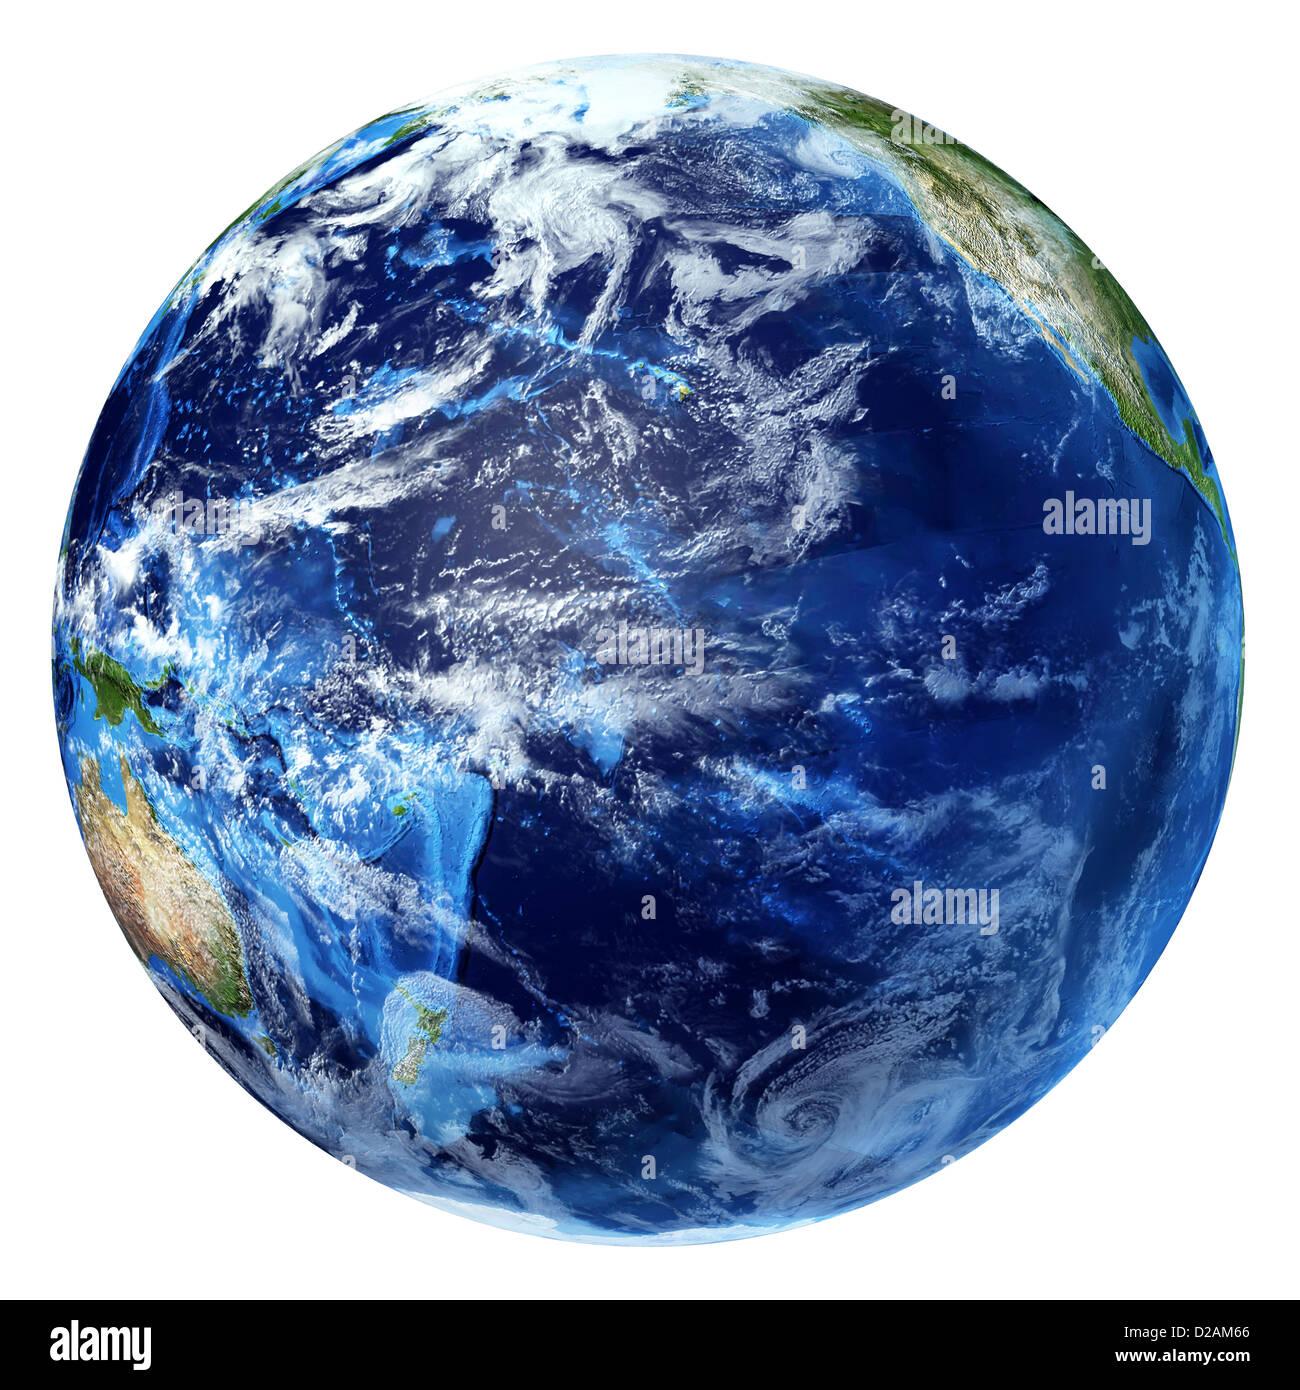 La planète terre avec quelques nuages. Vue sur l'océan Pacifique. Sur fond blanc. Photo Stock